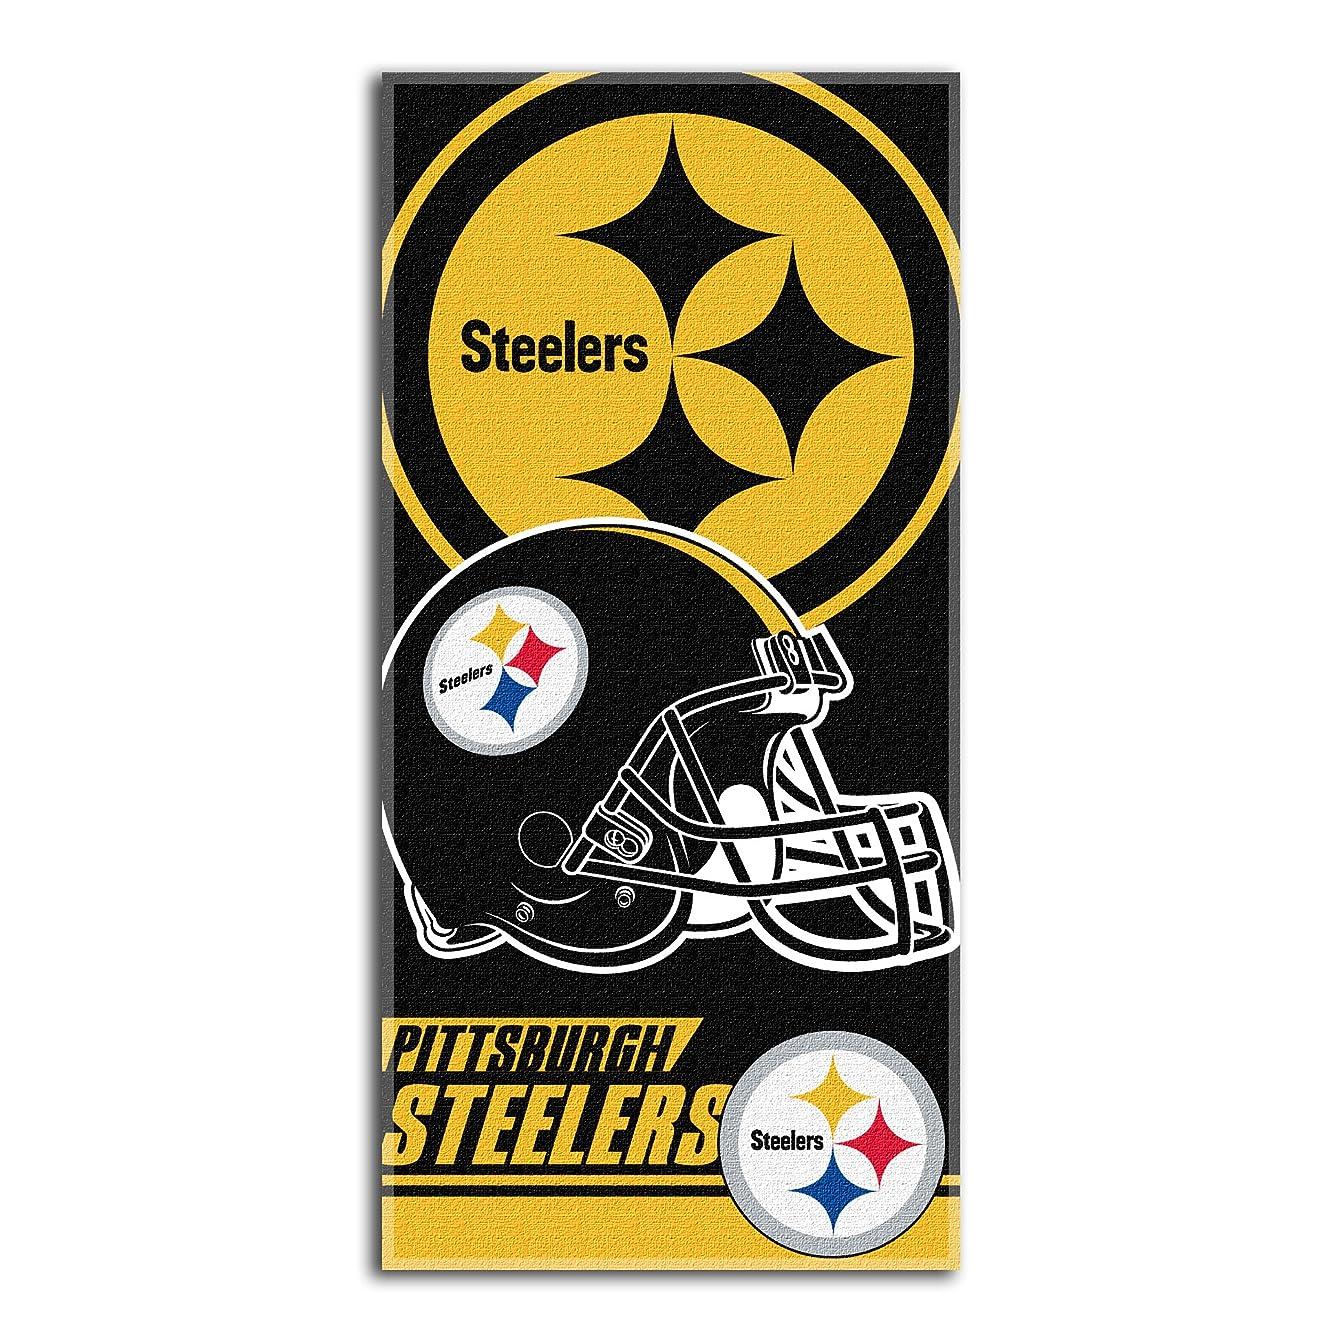 ミュウミュウ奨励します徹底NFL Pittsburgh SteelersダブルCoveredビーチタオル、28?x 58-inch